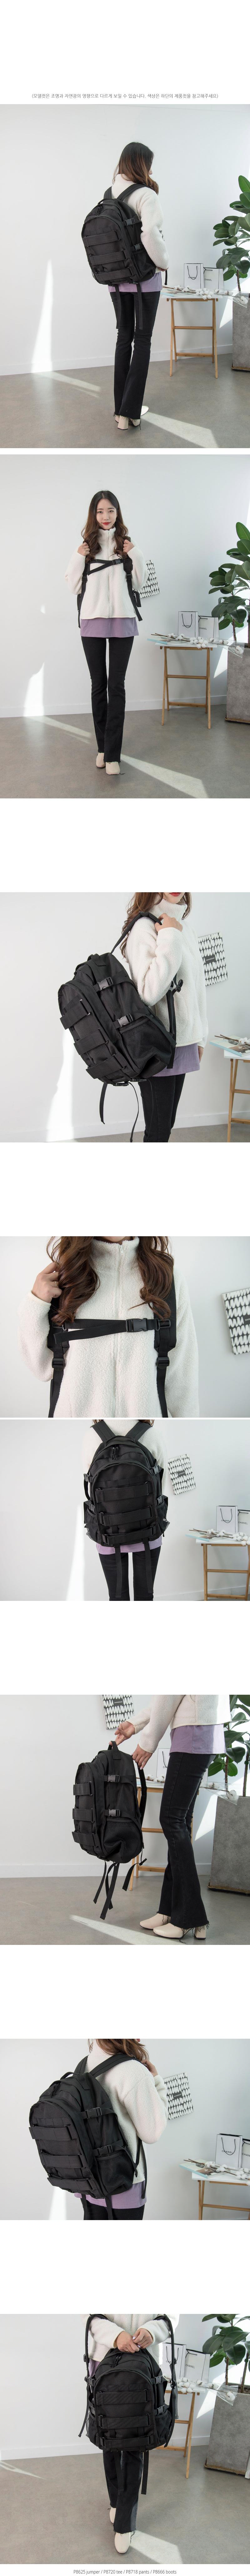 P8722 블랙 매쉬 트레블 백팩 - 제이앤씨, 49,440원, 백팩, 패브릭백팩